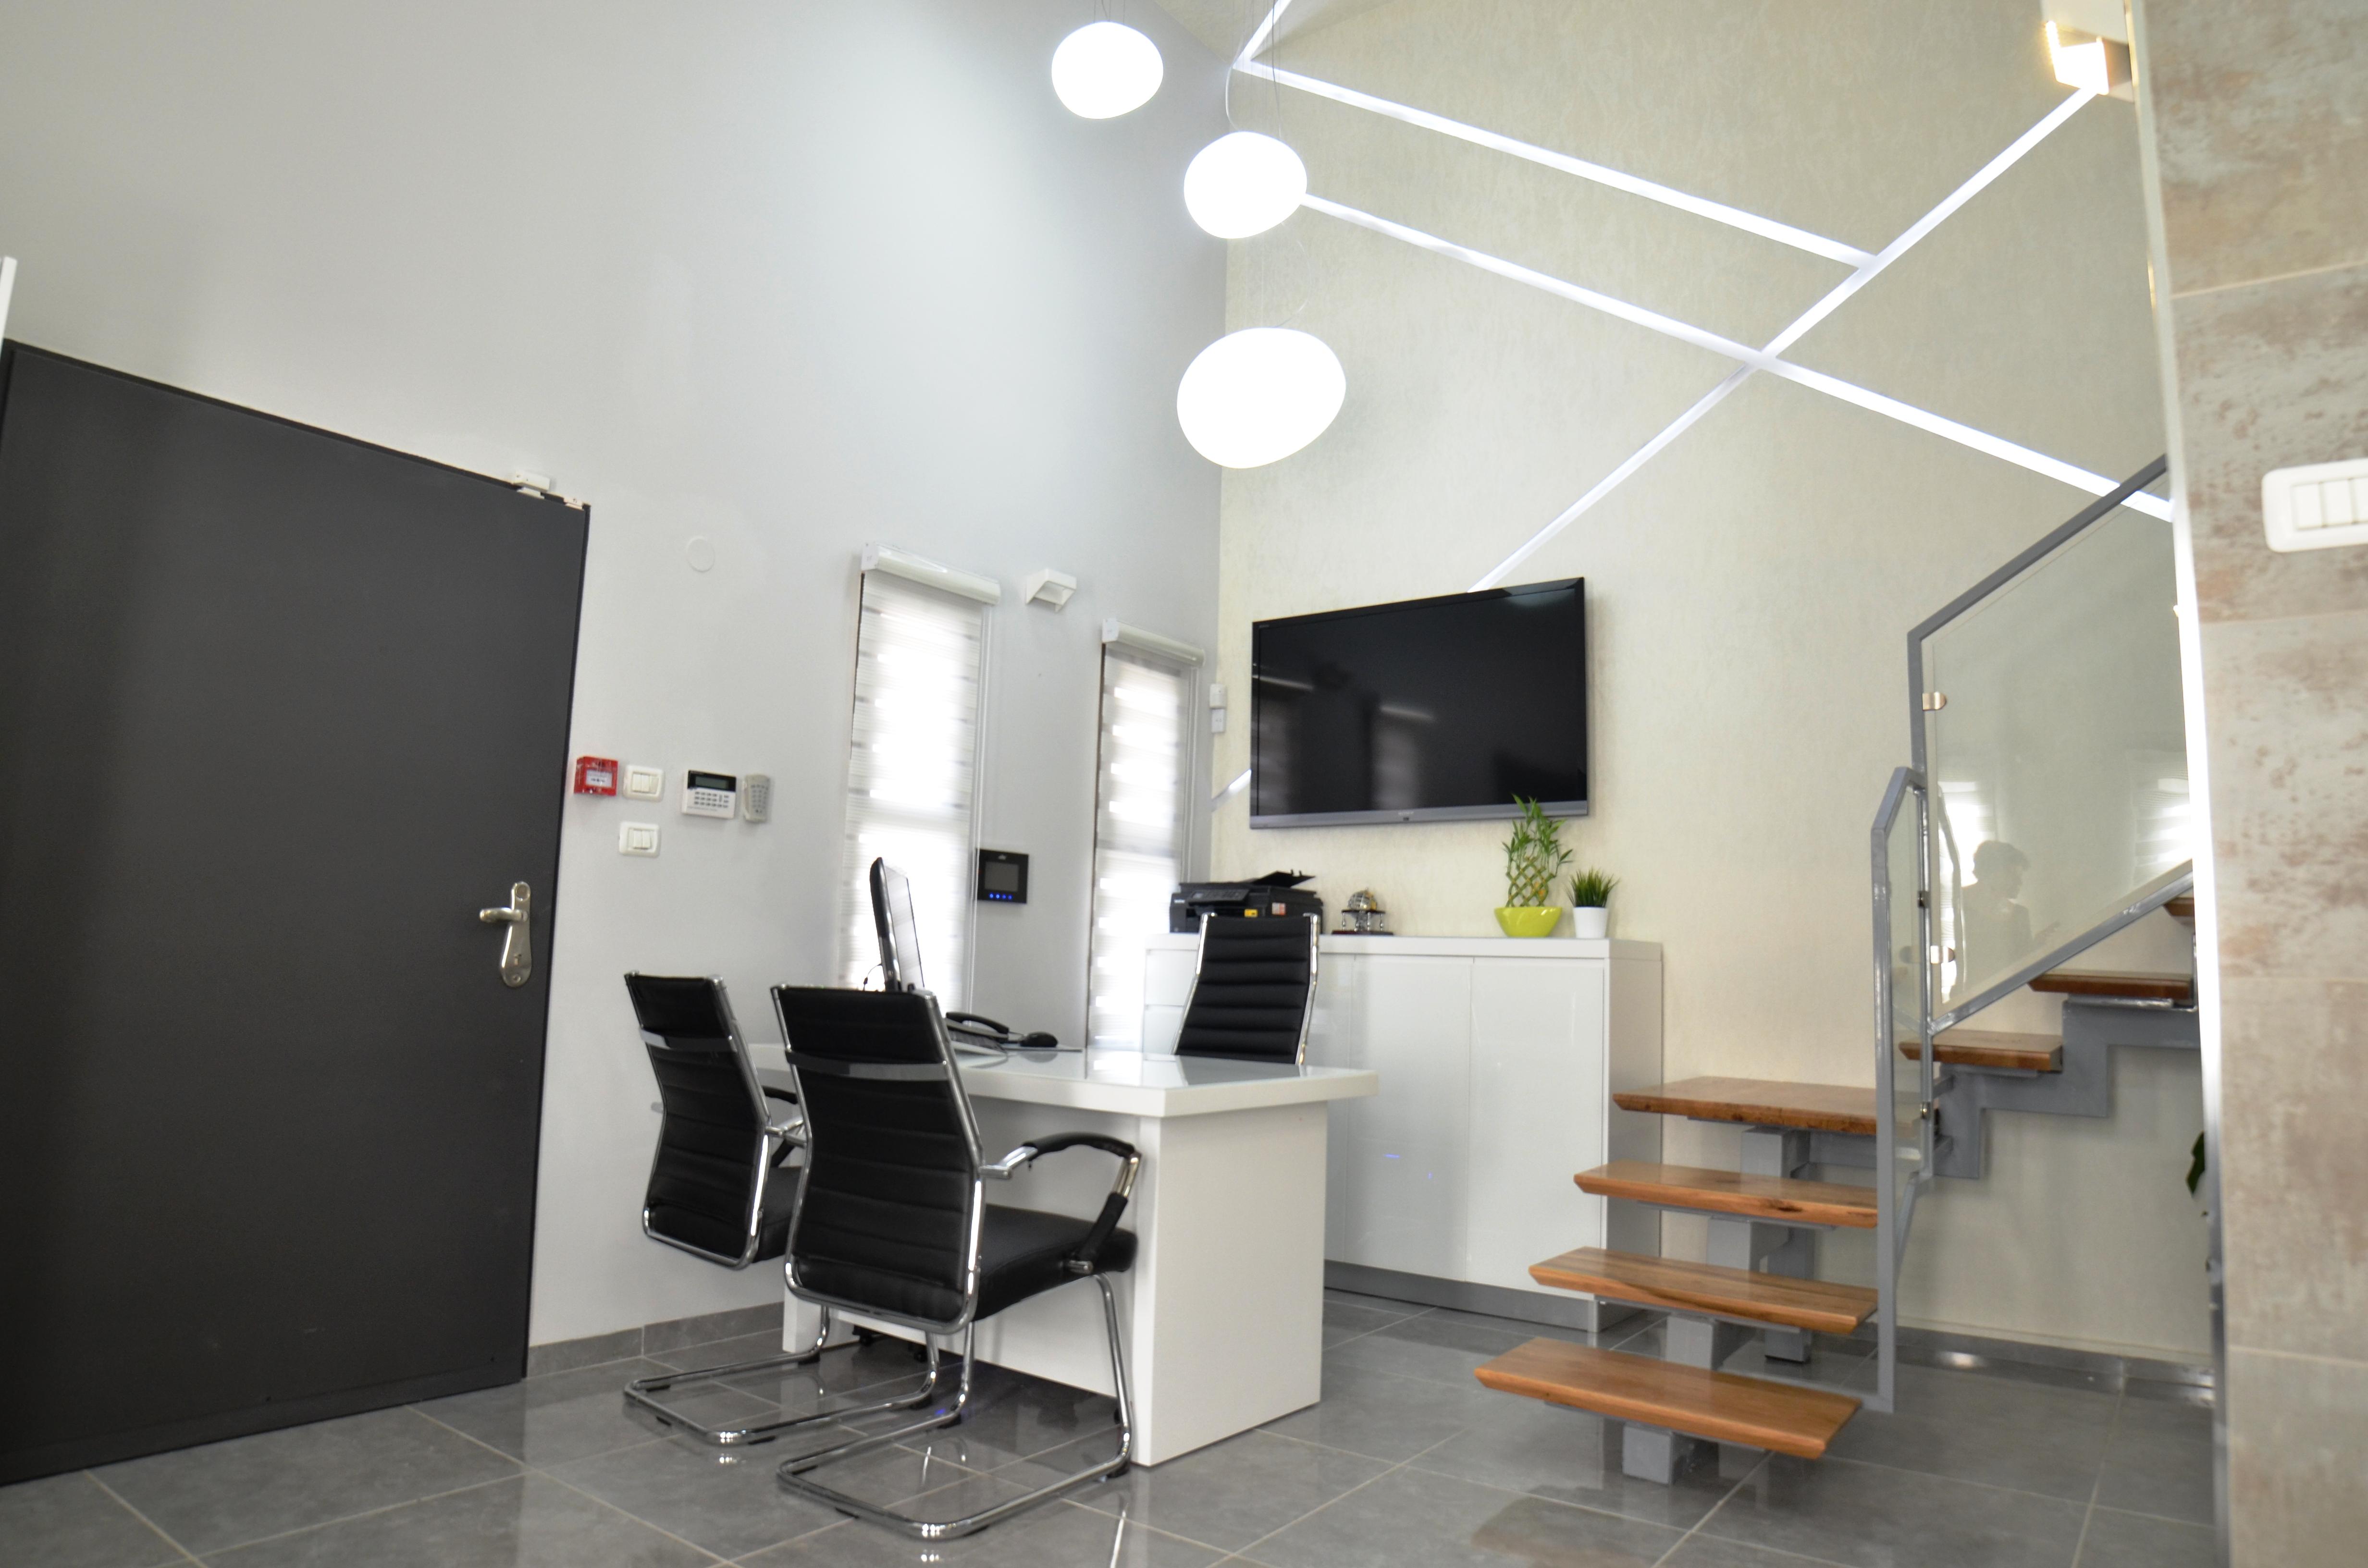 עיצוב משרד בצפון